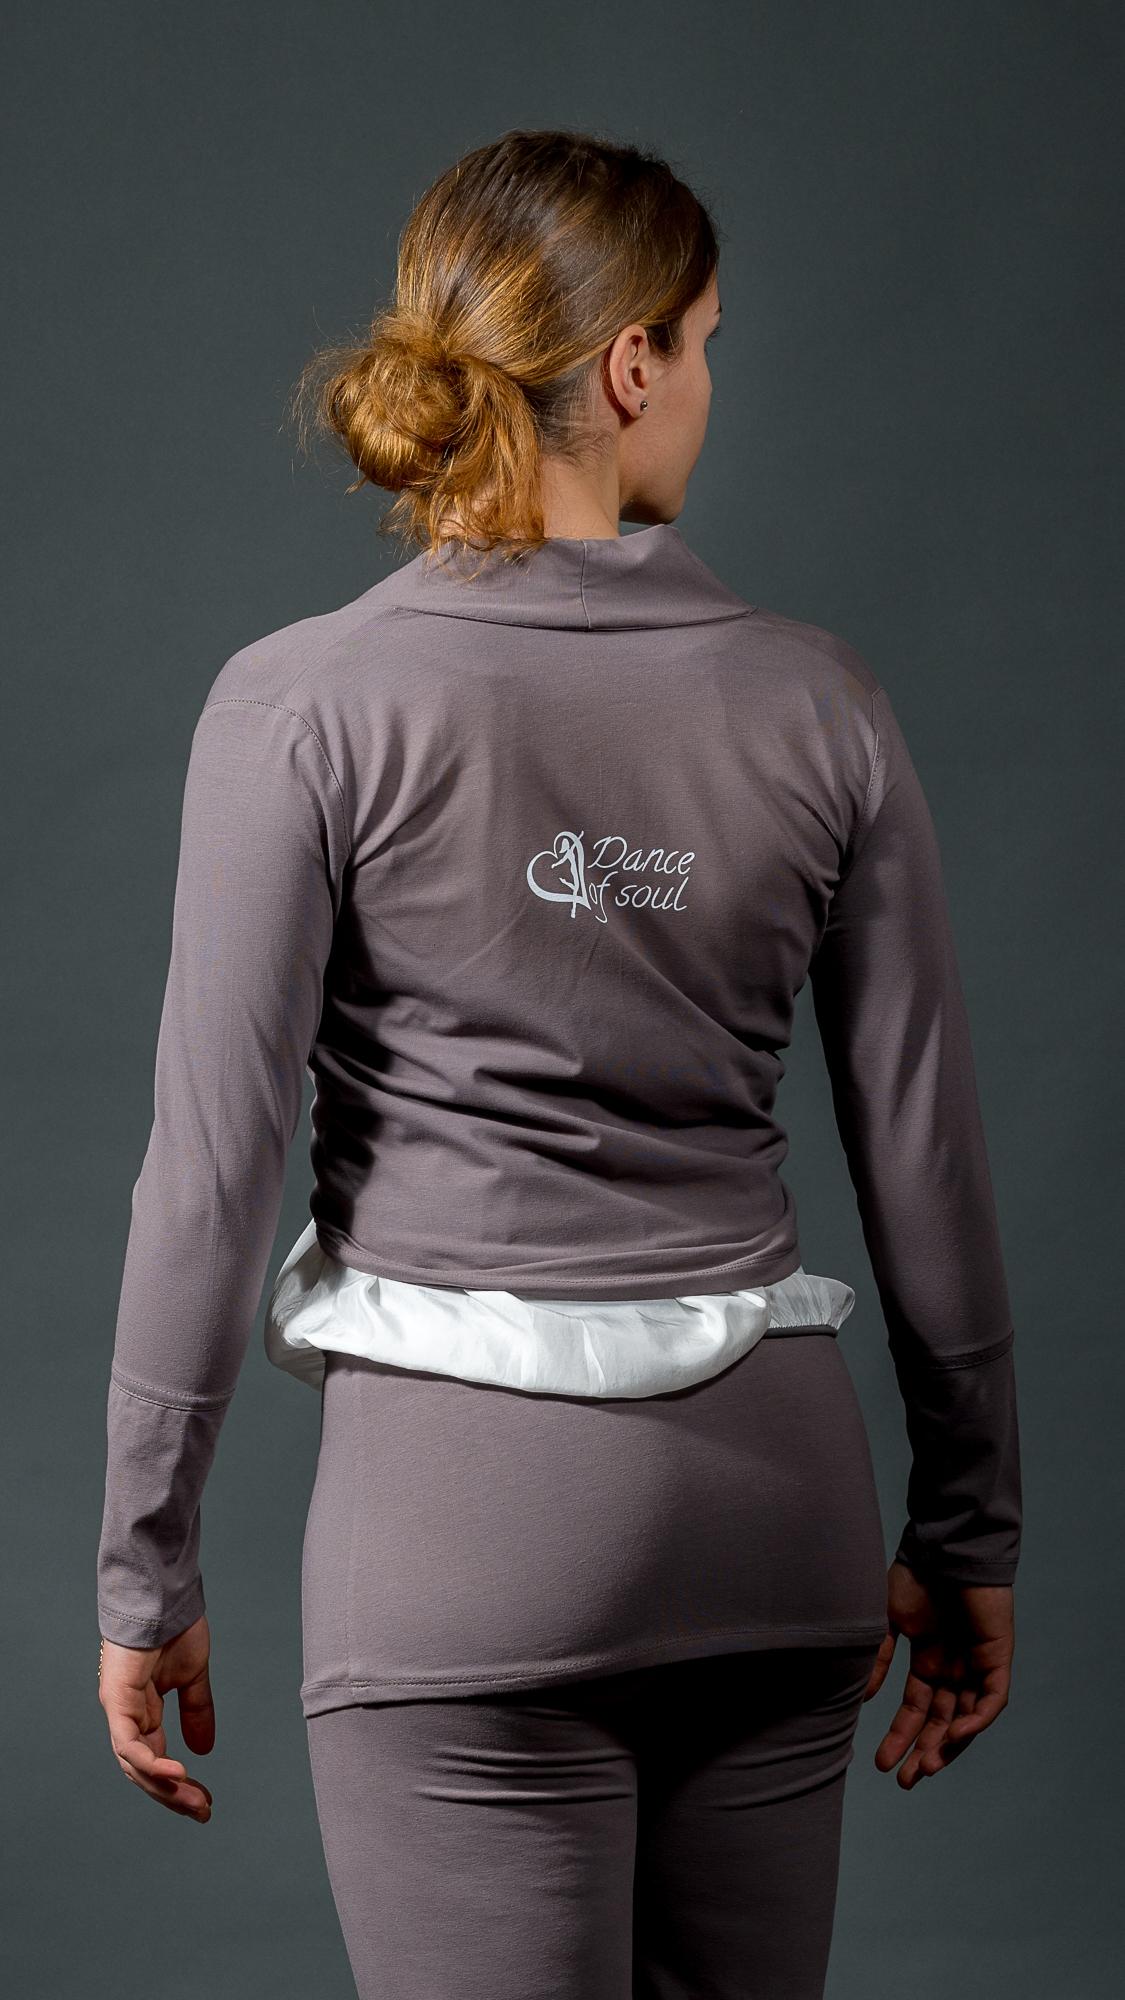 a0b0ed599b9a Kolekcia oblečenia Dance of Soul z organickej biobavlny ...